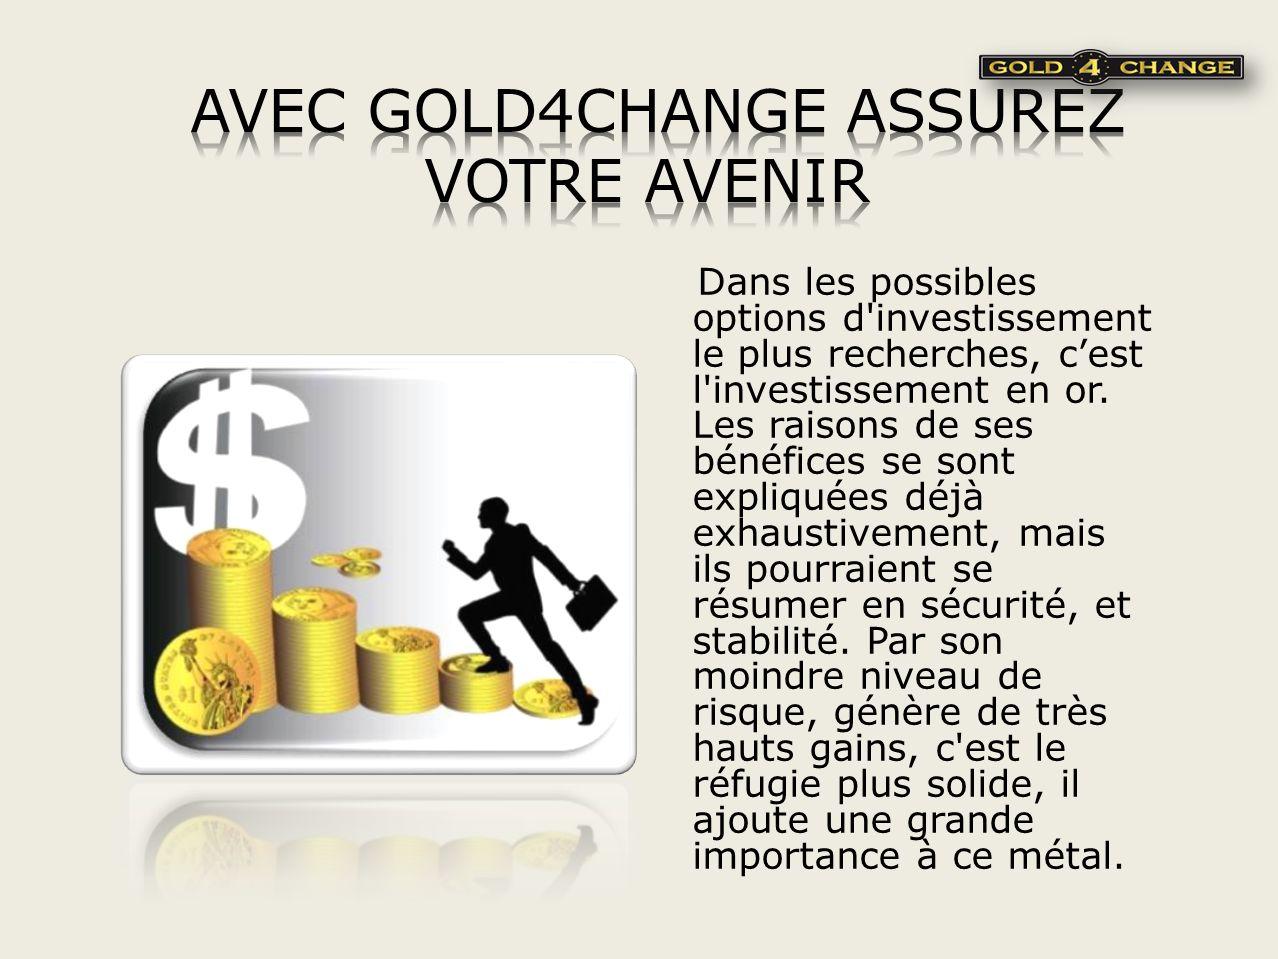 AVEC GOLD4CHANGE ASSUREZ VOTRE AVENIR